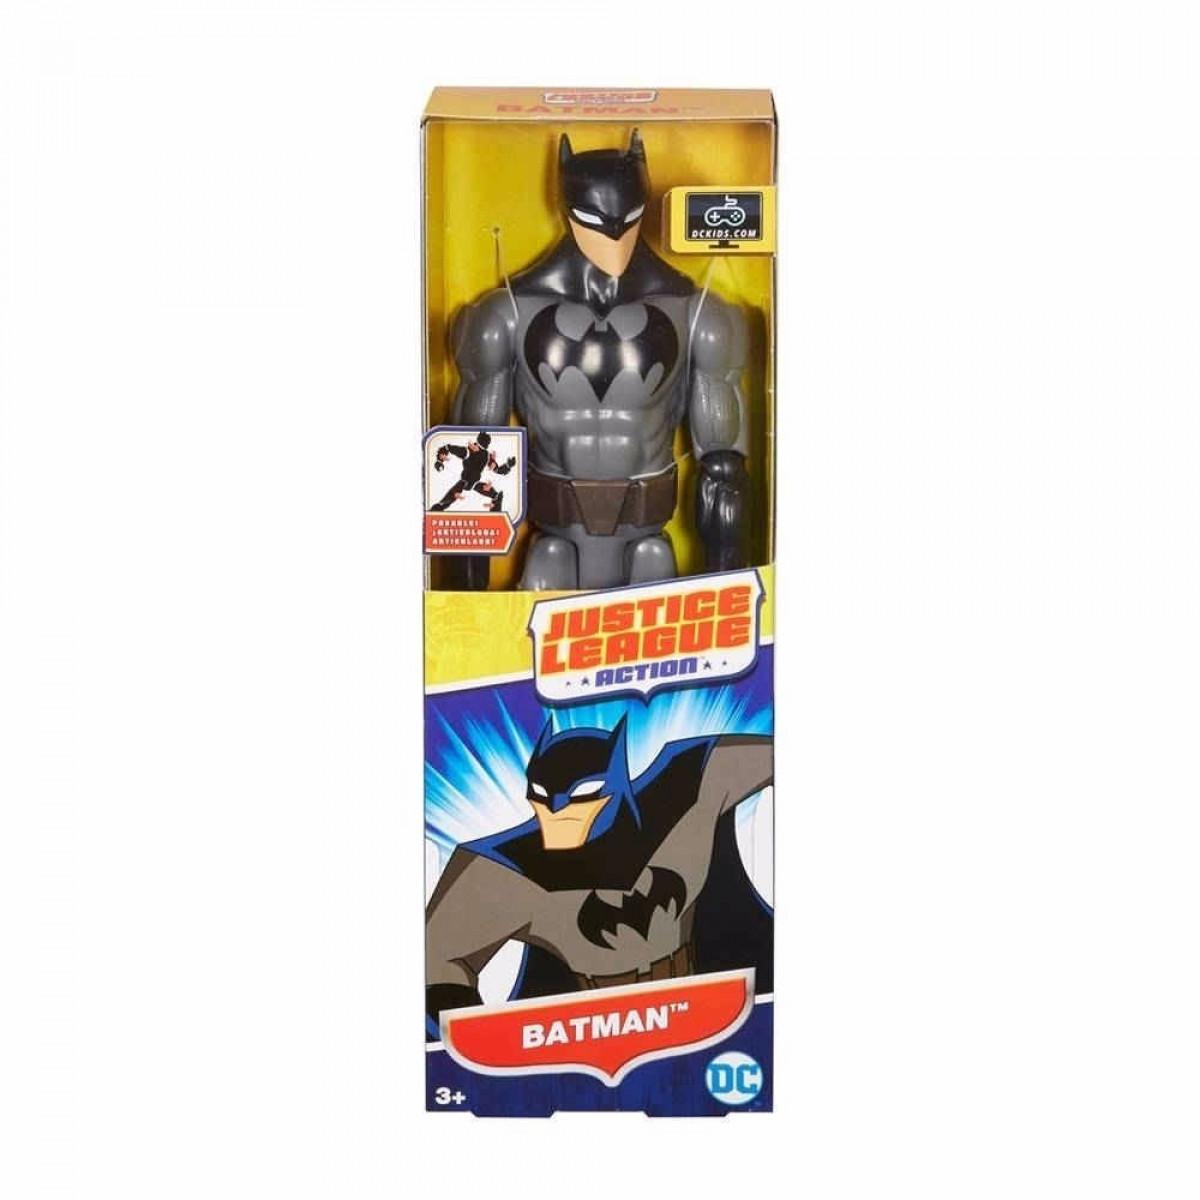 Boneco Batman Liga da Justiça 30cm - Mattel 611c8d49bc1